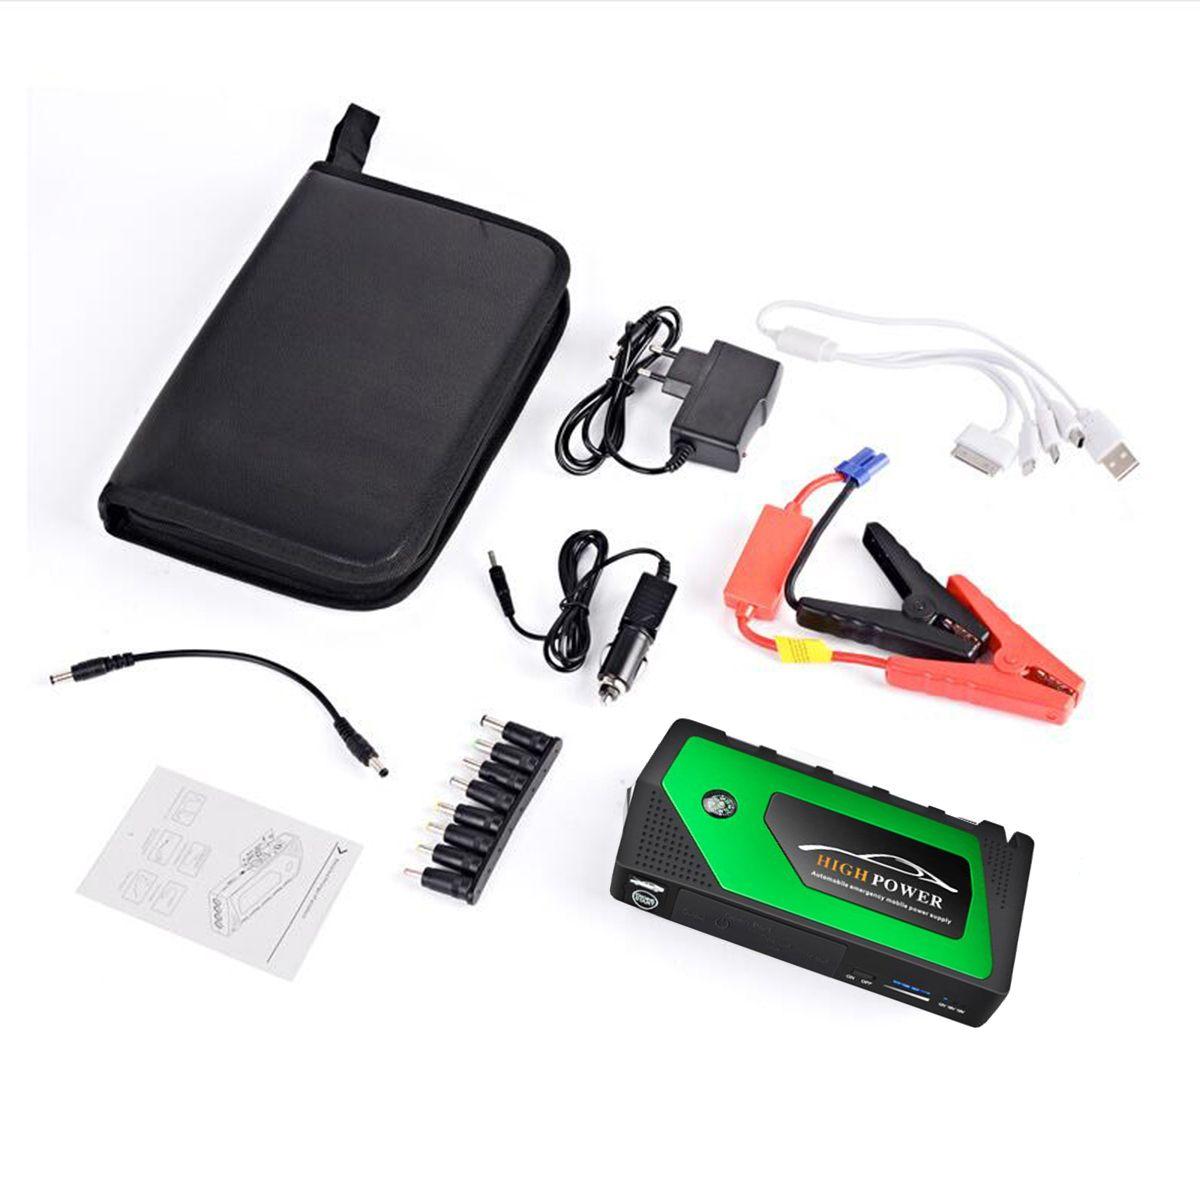 Démarreur de saut de voiture Portable 4 Ports USB démarreur de saut de voiture chargeur portatif batterie chargeur dispositif de démarrage pour les Diesels à essence de téléphone - 5